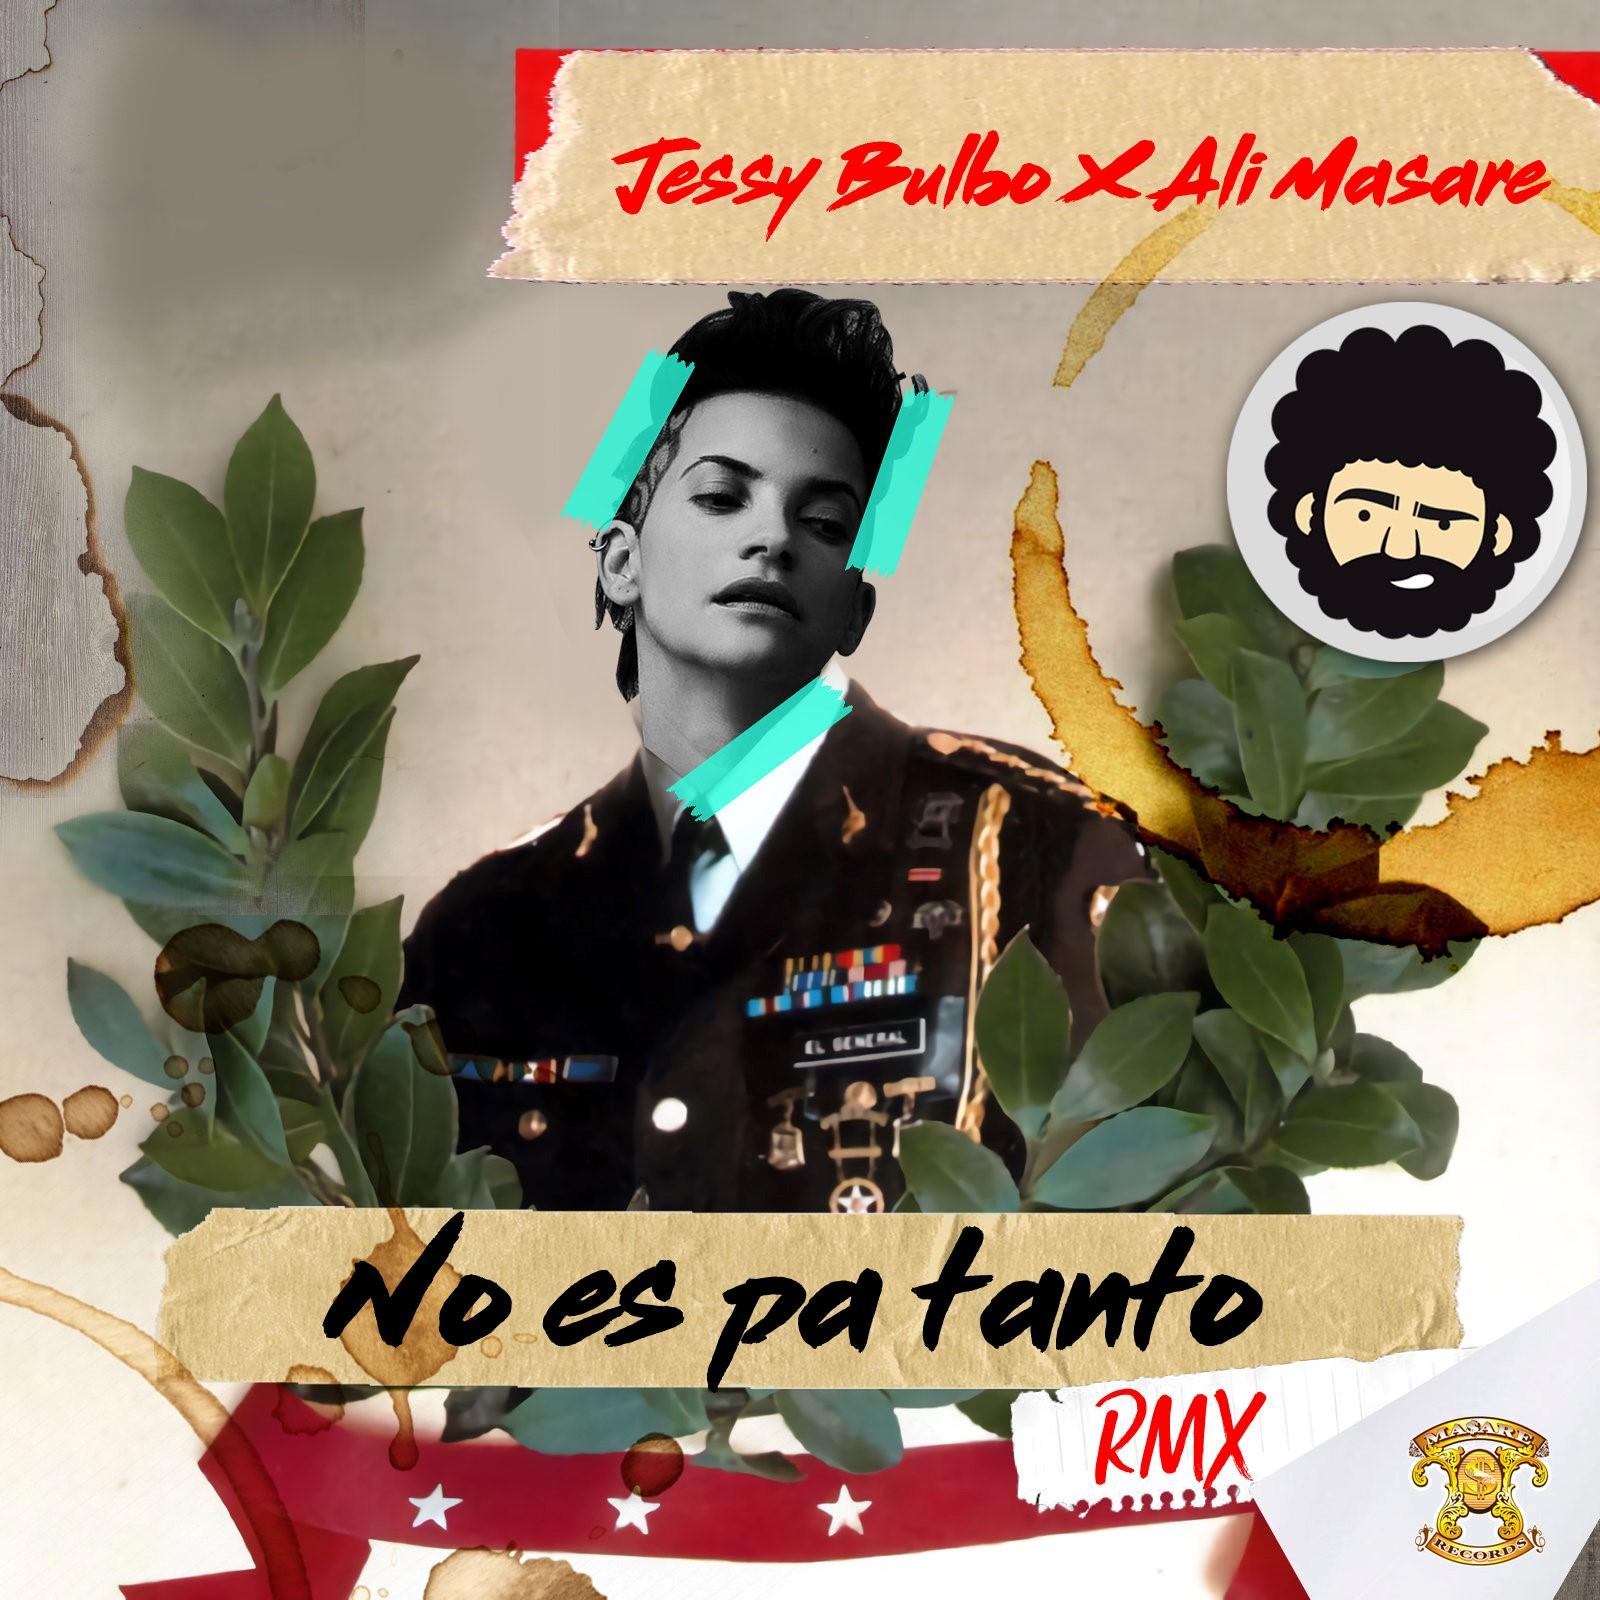 ESTRENO 'NO ES PA TANTO RMX' ALI MASARE X JESSY BULBO en MUSICA.  Chicas Rockeras!